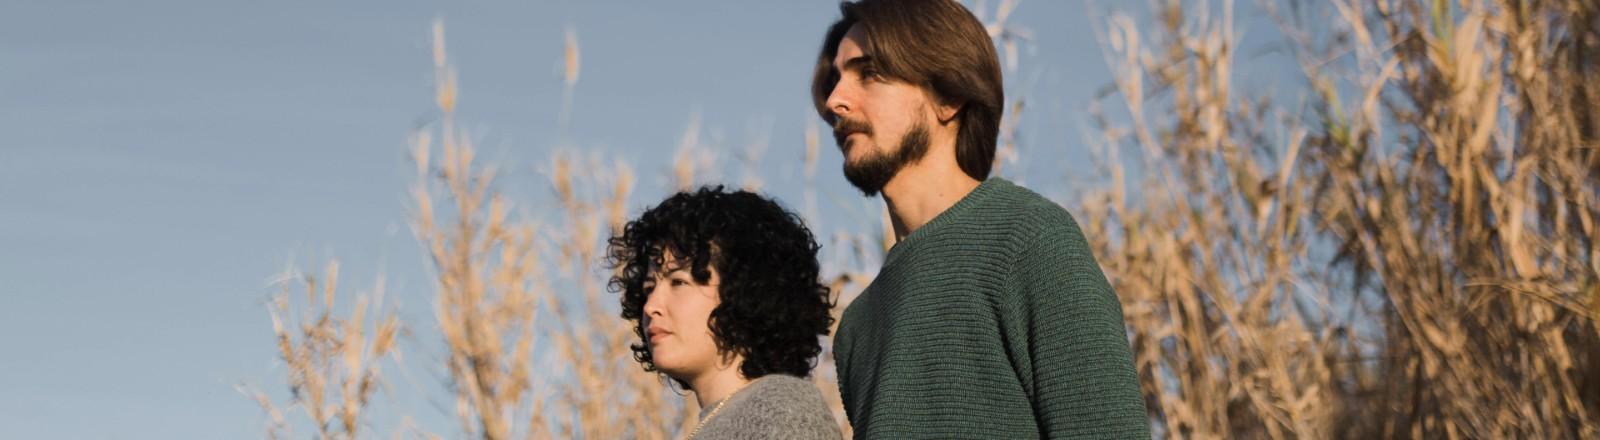 Freunde, Mann und Frau, stehen in den Dünen und schauen nachdenklich in die Ferne.